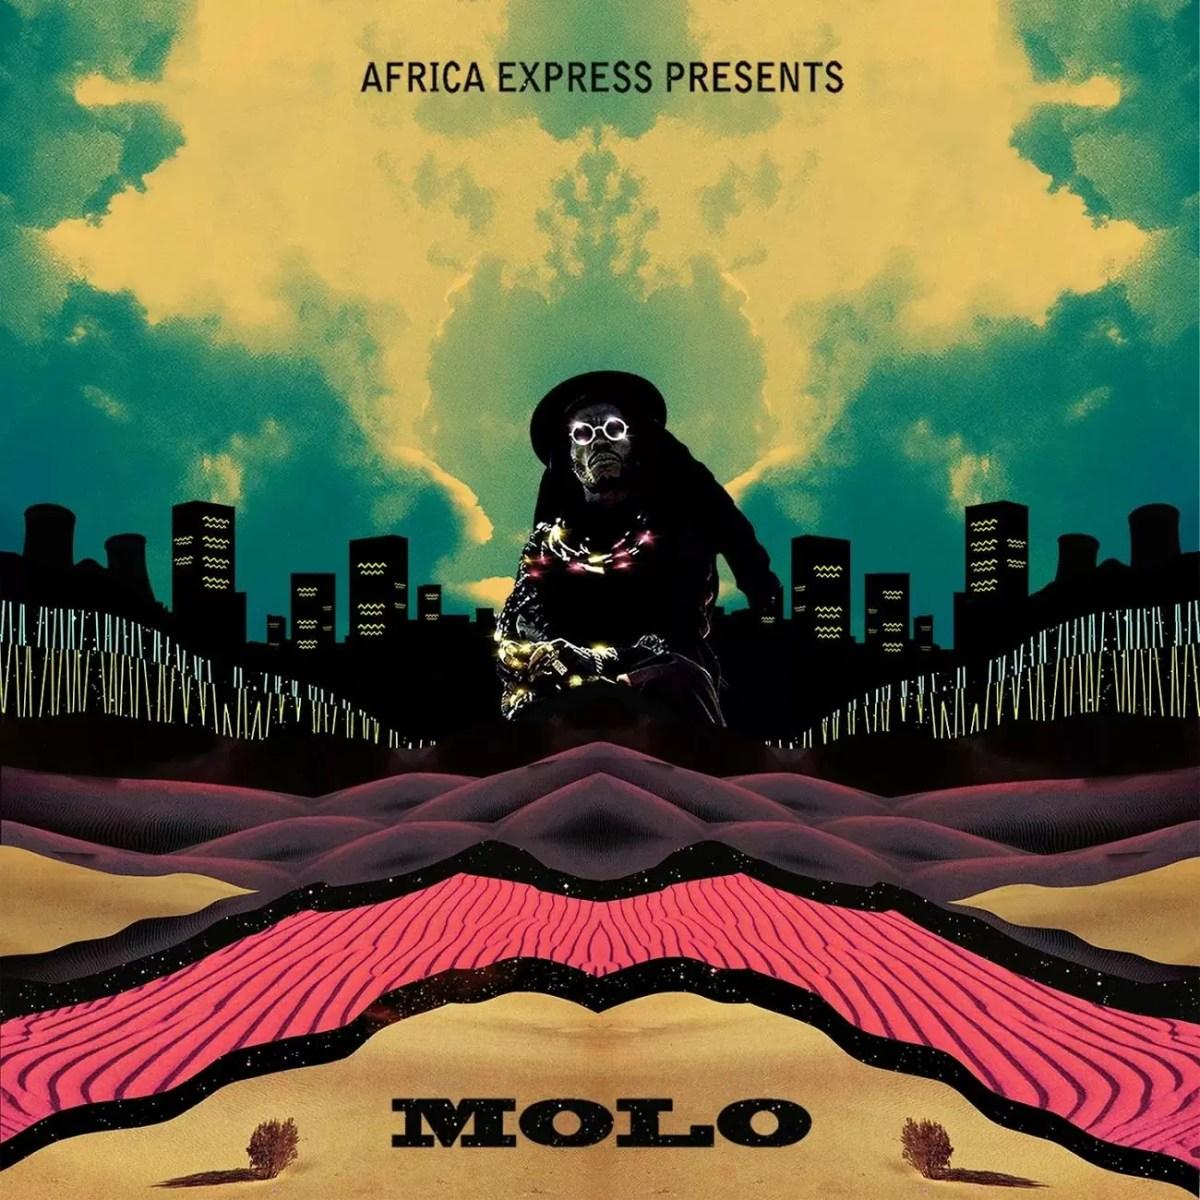 Africa Express - Nayena (ft. Moonchild Sanelly, Infamous Boiz, Mr Jukes, Remi Kabaka, Morena Leraba, Zolani, Muzi)